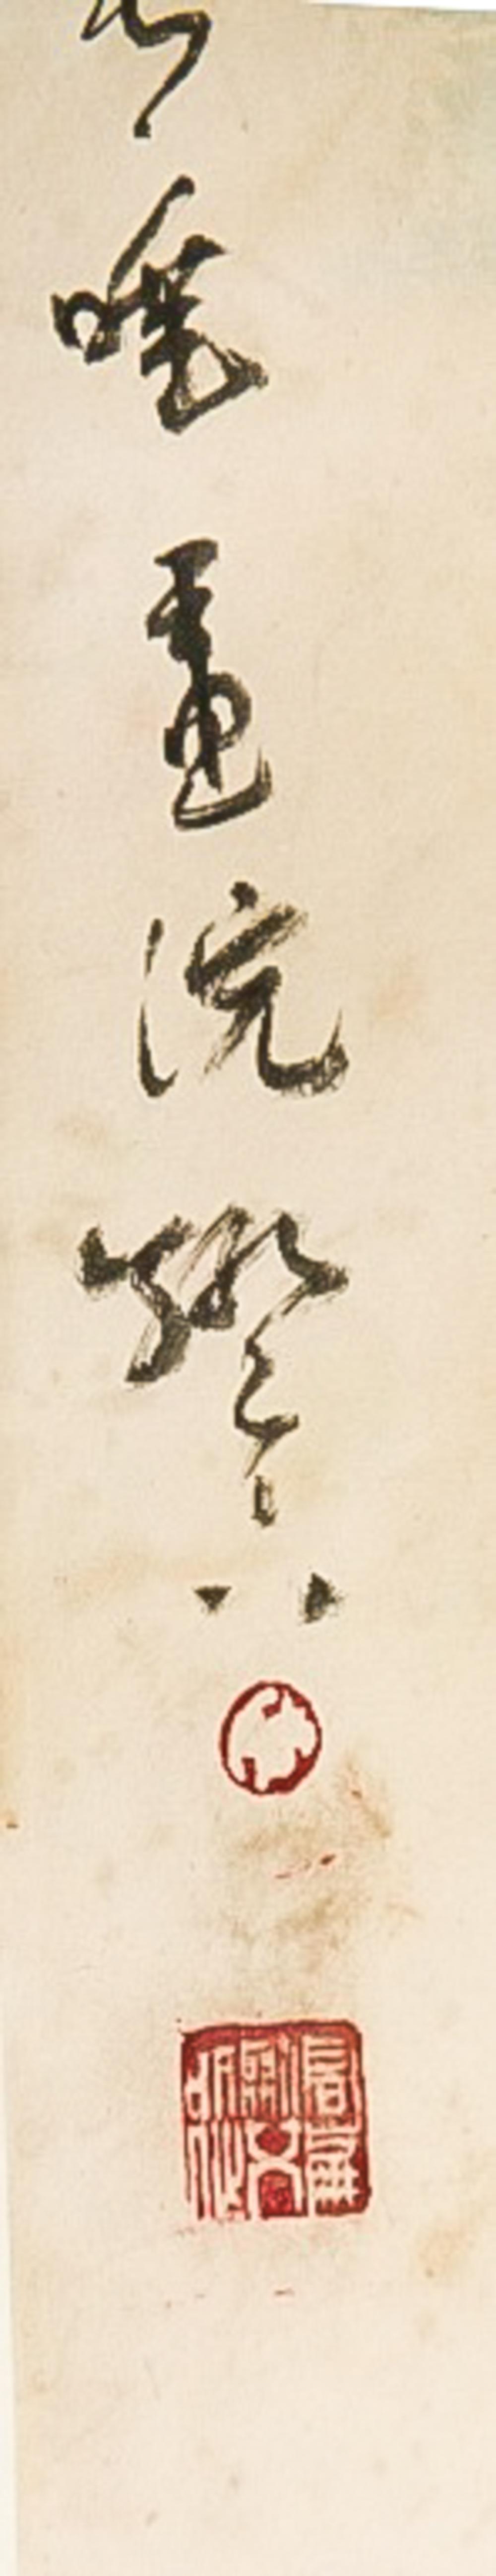 Lot 60: Gao Jianfu 1879-1951 Chinese Watercolor Eagles